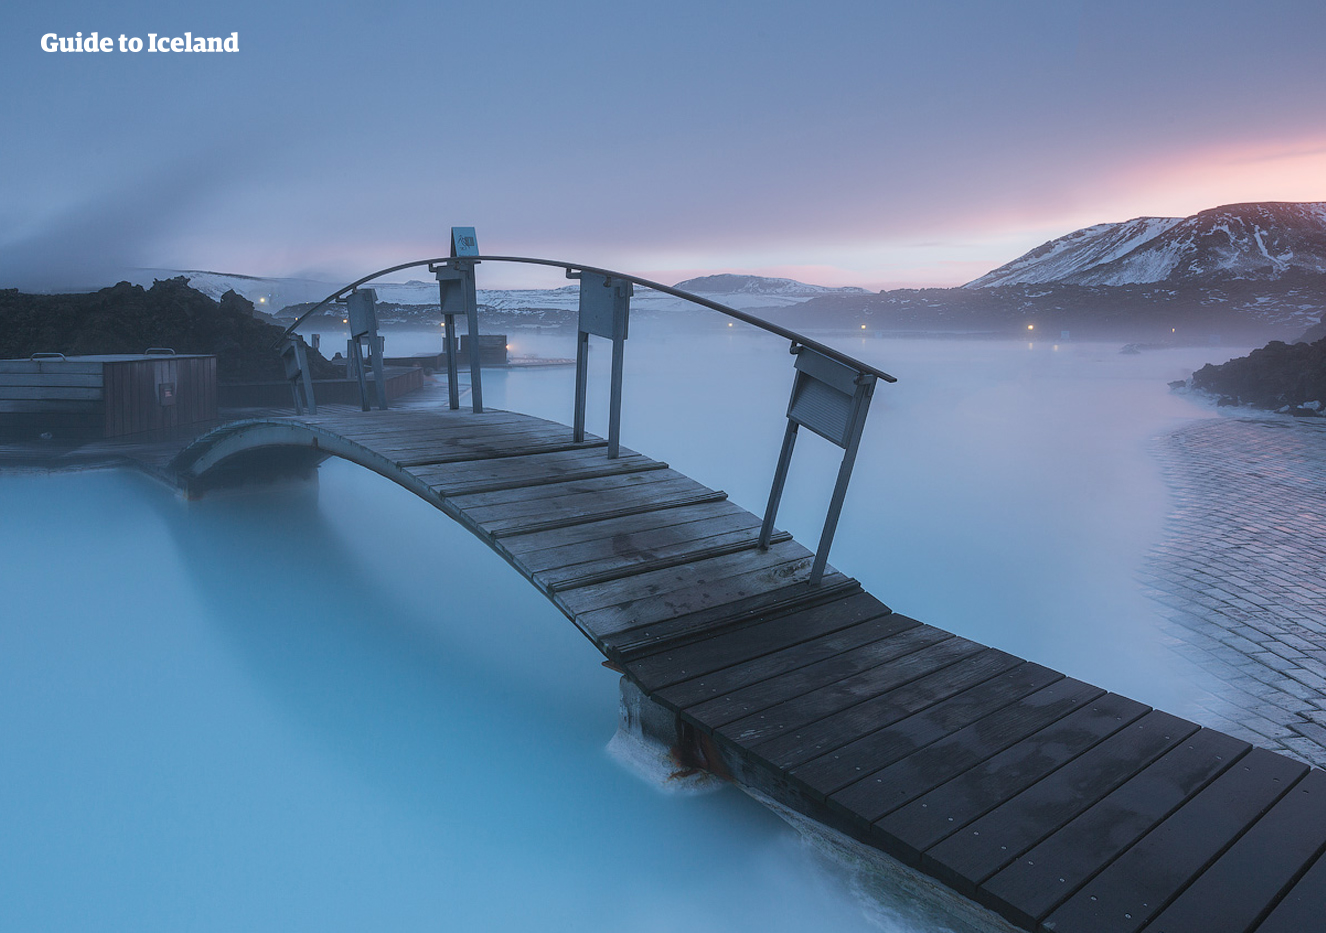 雷克雅内斯半岛上的蓝湖温泉举世闻名。